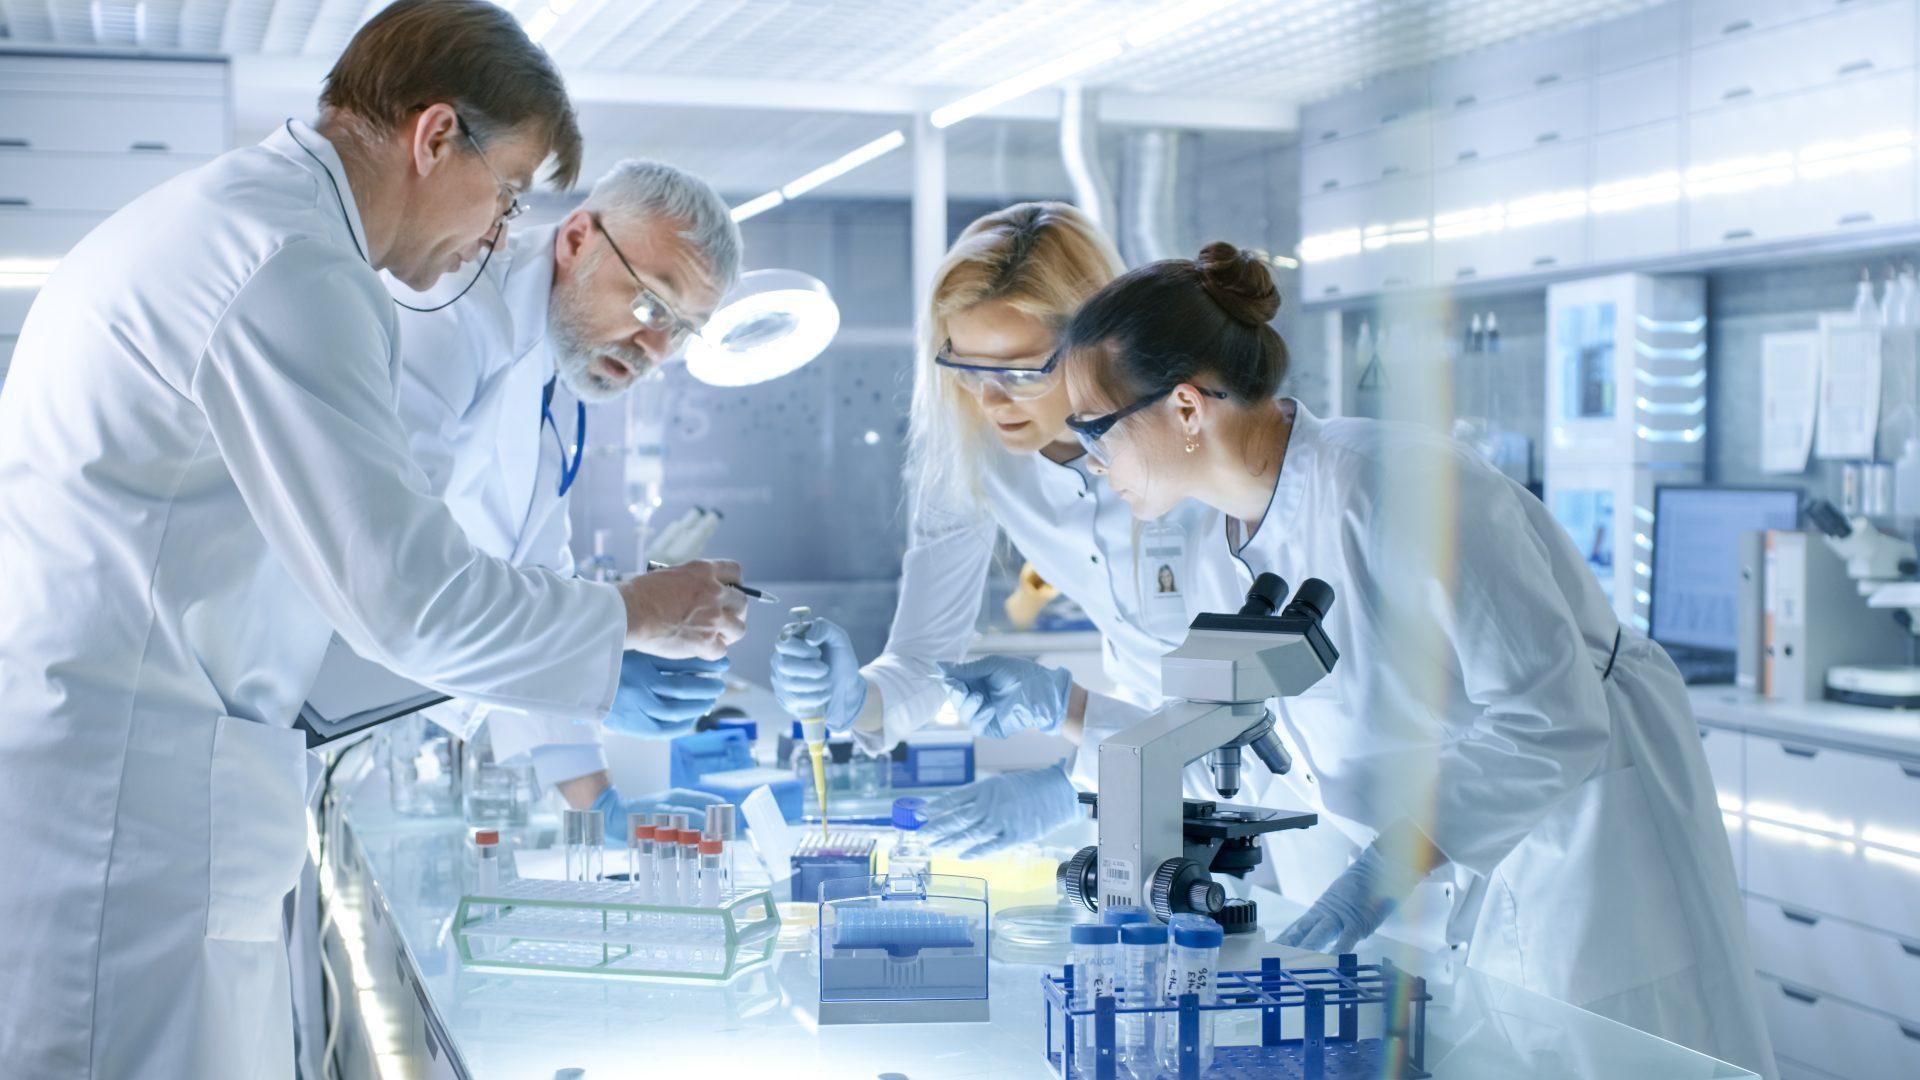 Entenda o que é a Validação de Processos na indústria farmacêutica